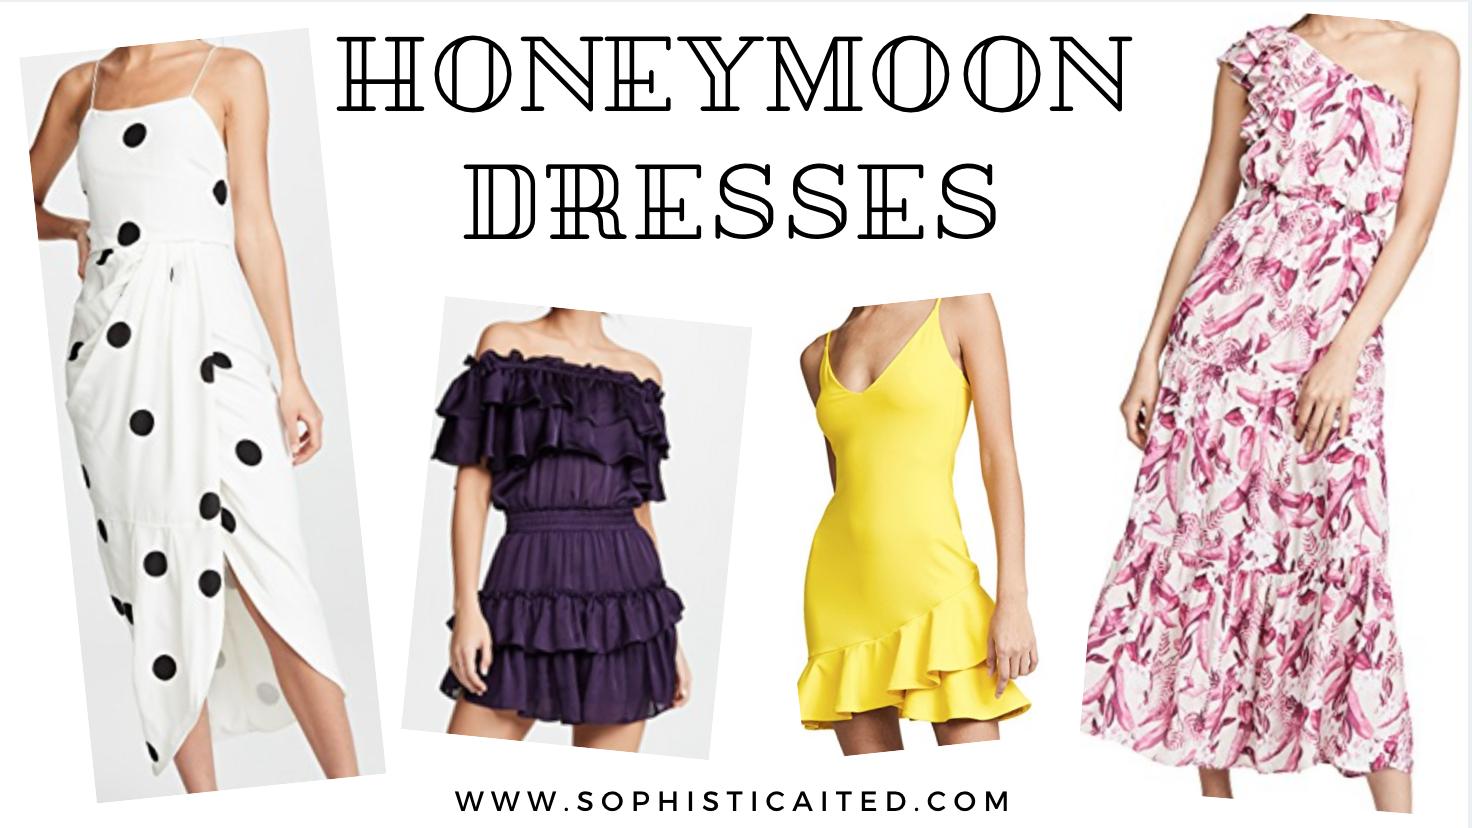 Honeymoon Dresses | Sophisticaited | Cait Fore